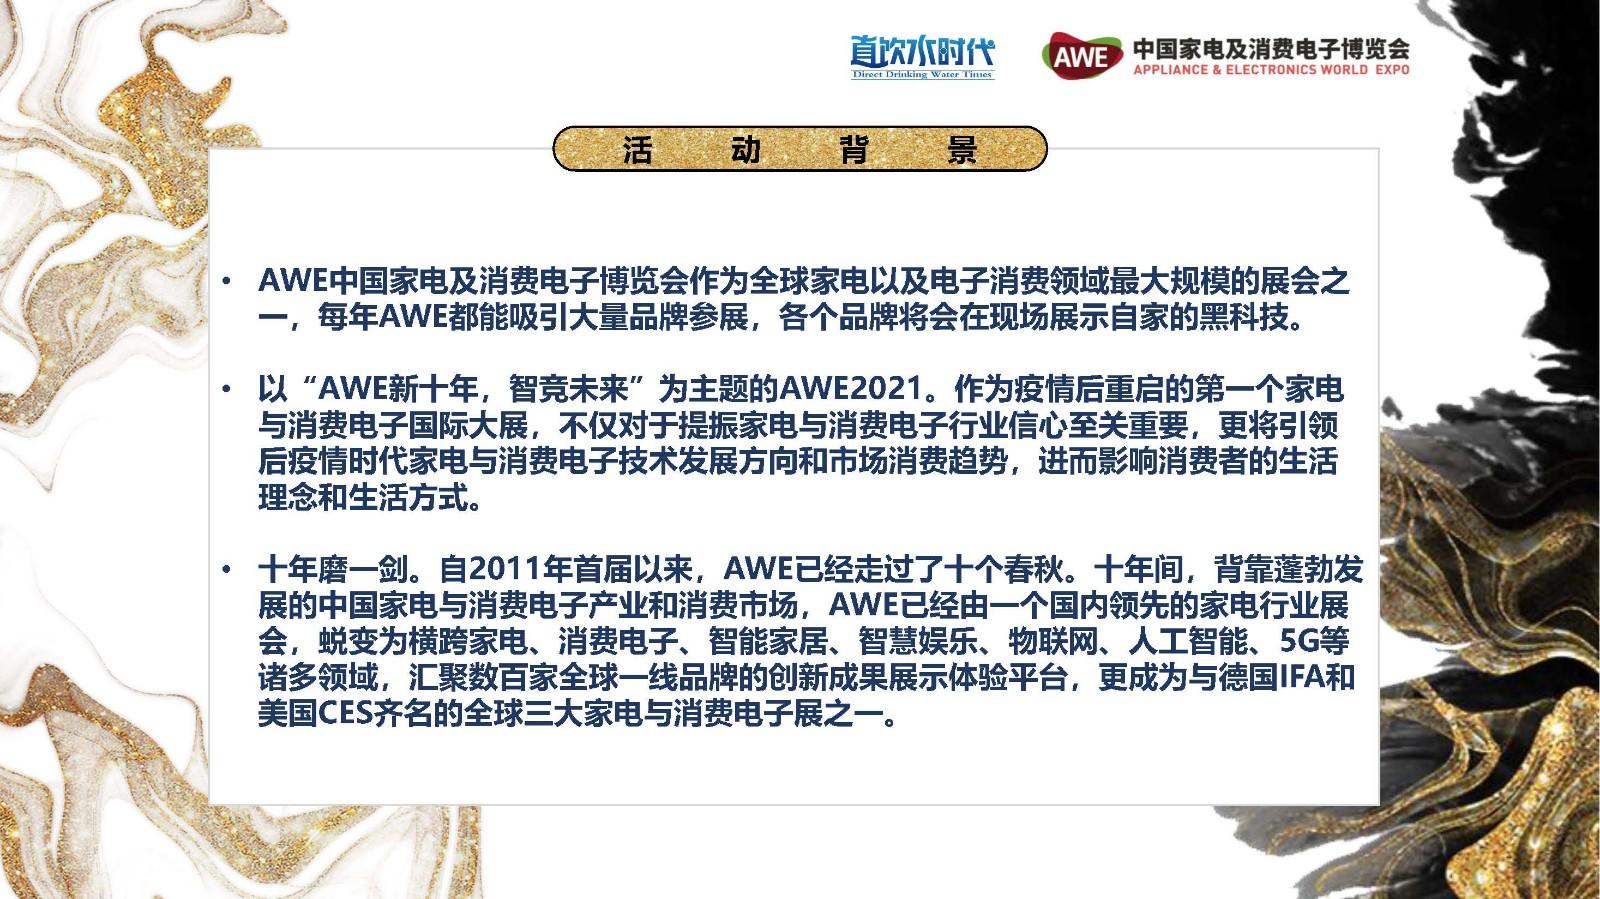 2021年AWE环境及健康家电高峰论坛 全天_页面_02.jpg